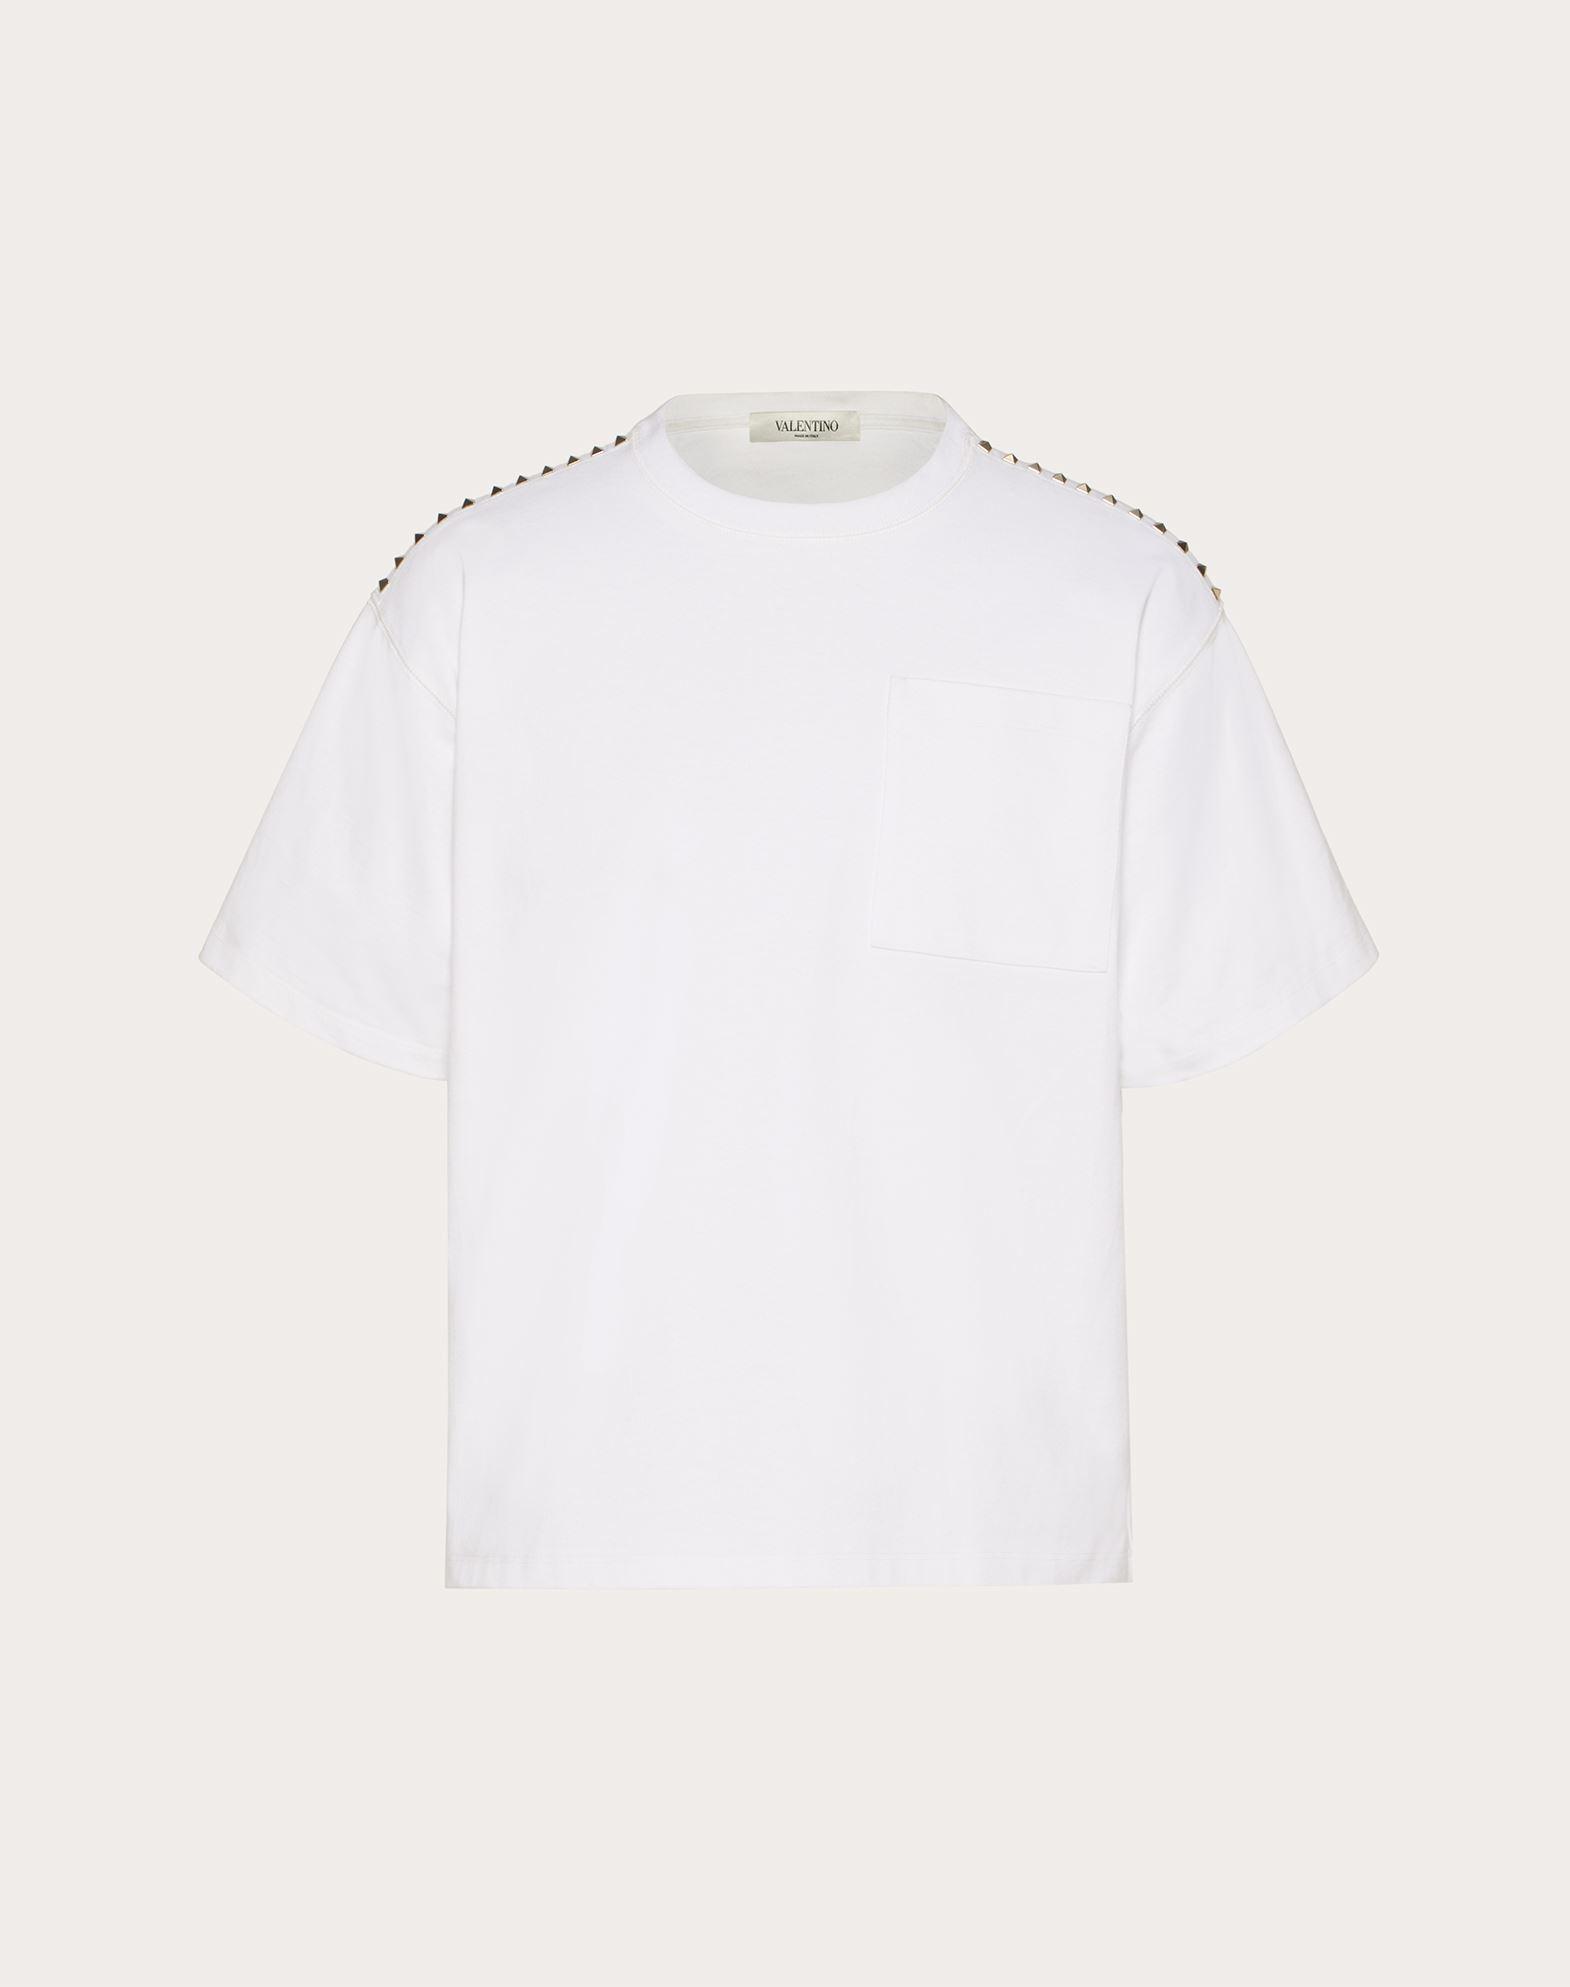 T-Shirt Rockstud Untitled